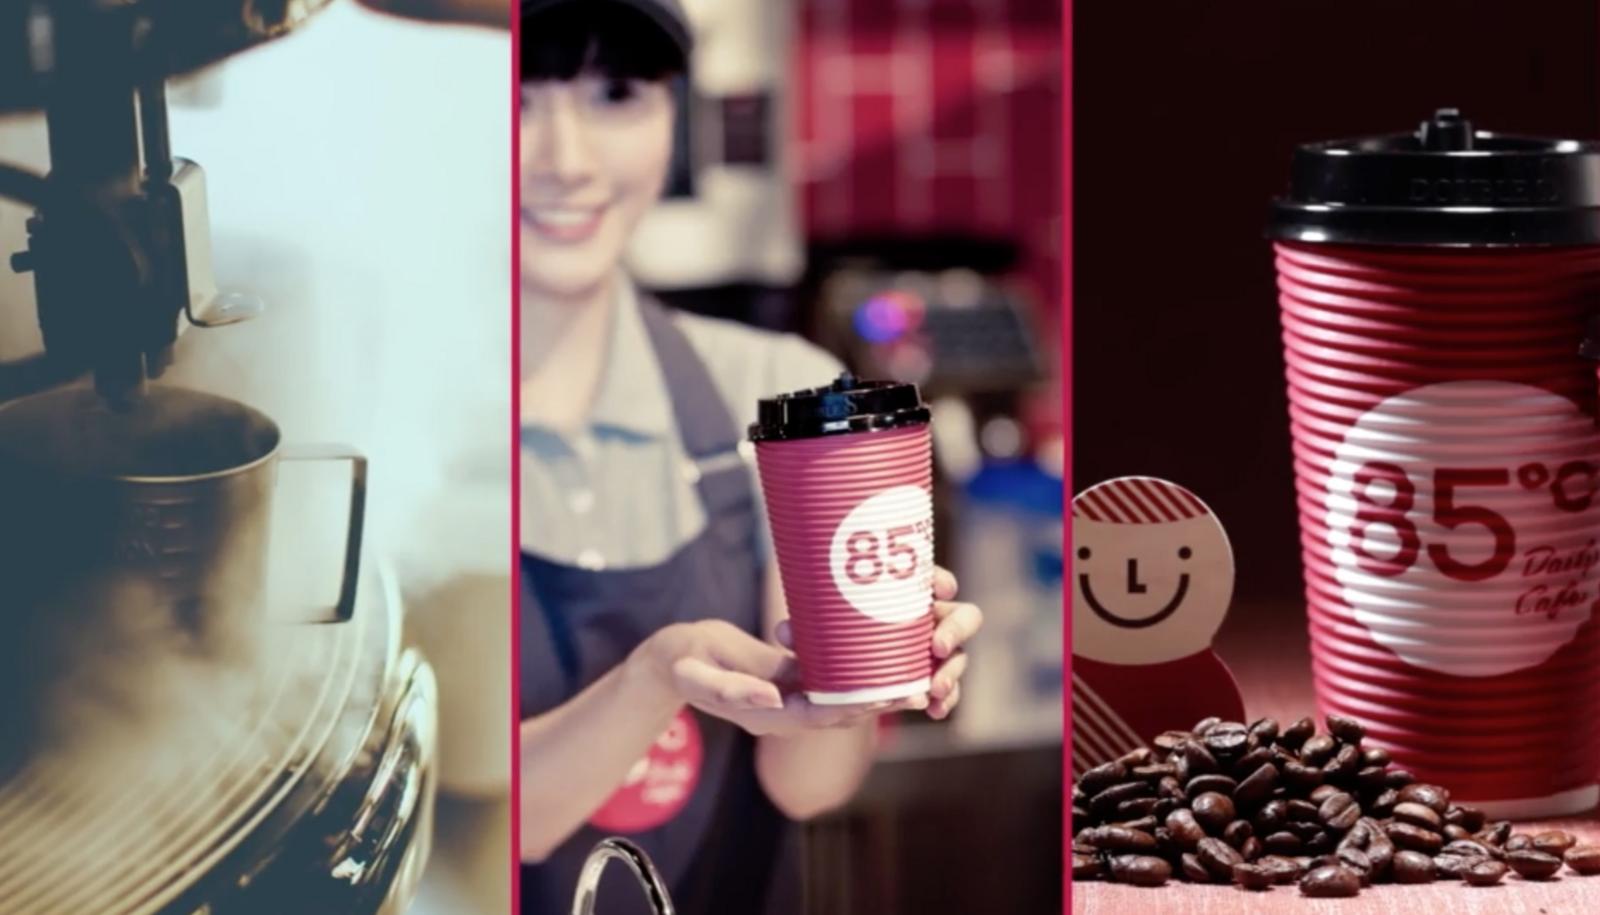 ▲85度C台灣首推會員APP,85 Cafe APP將在8月14日正式上線,首三日要送3萬杯咖啡。(圖/85度C提供)